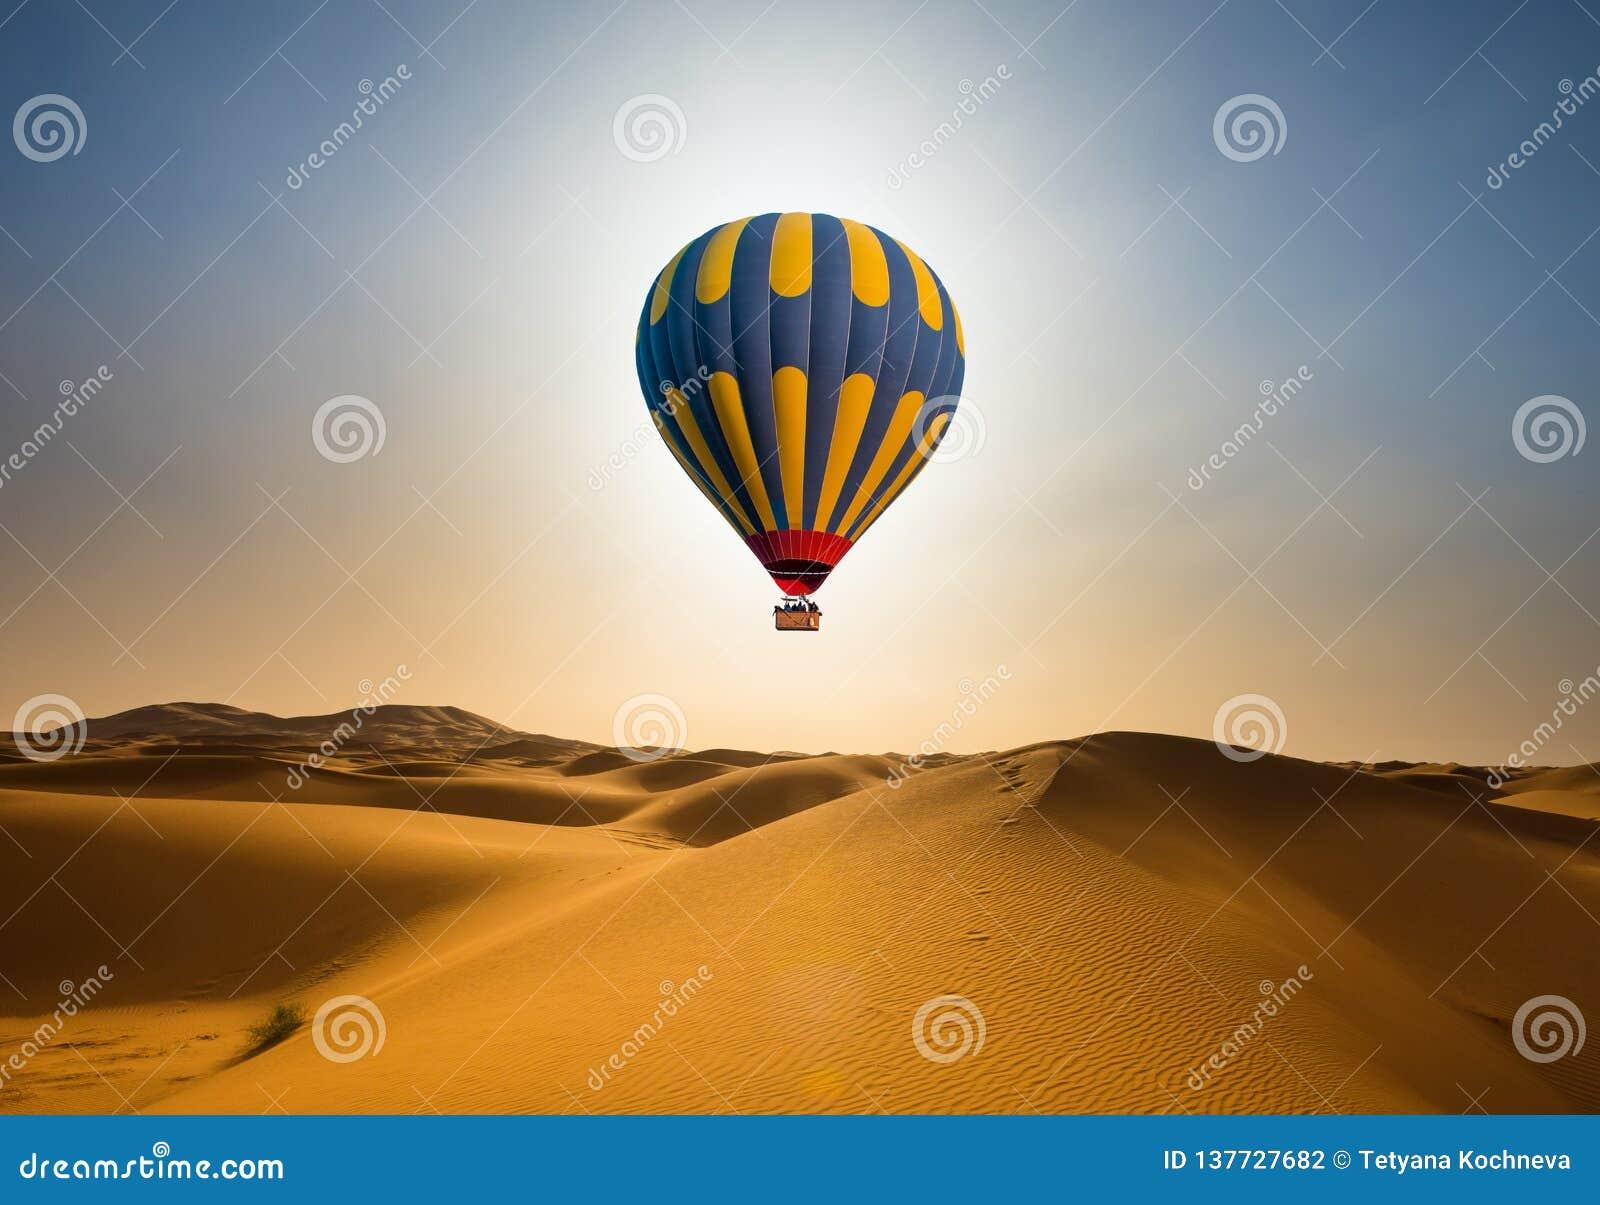 Wüste und Heißluft steigt Landschaft bei Sonnenaufgang im Ballon auf